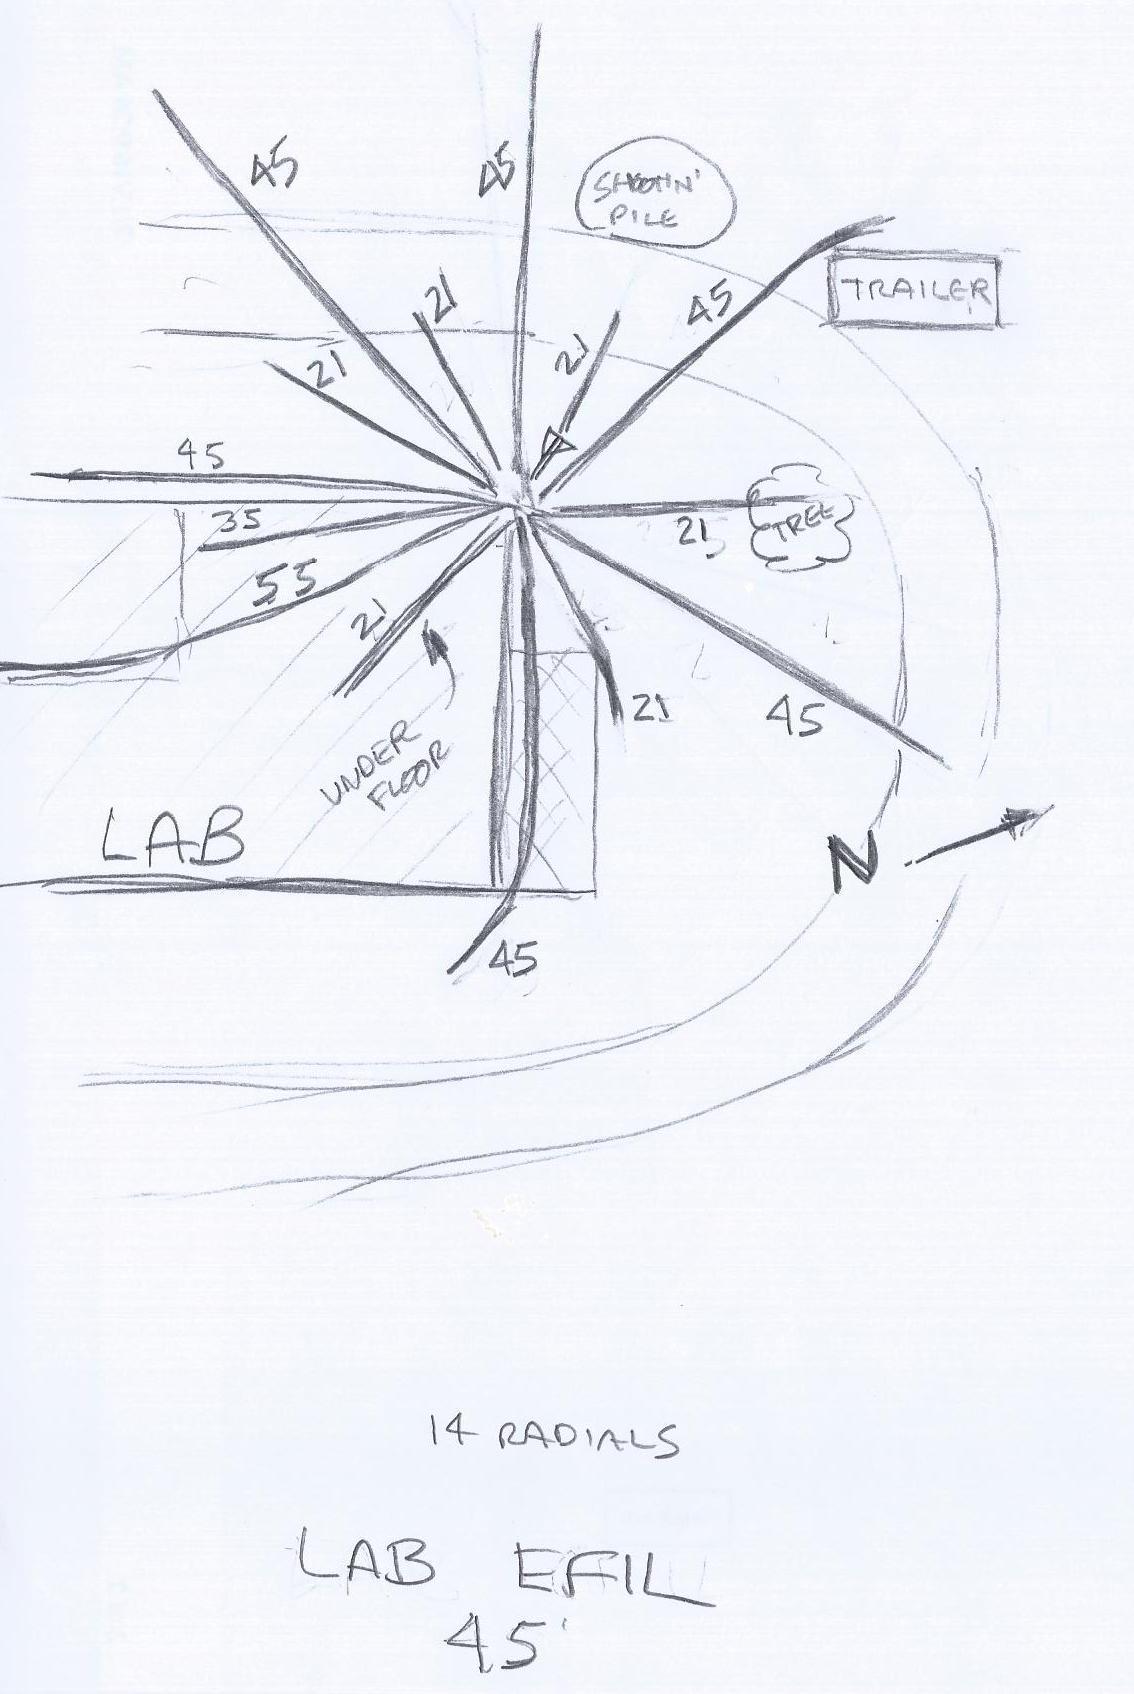 45ft-radials